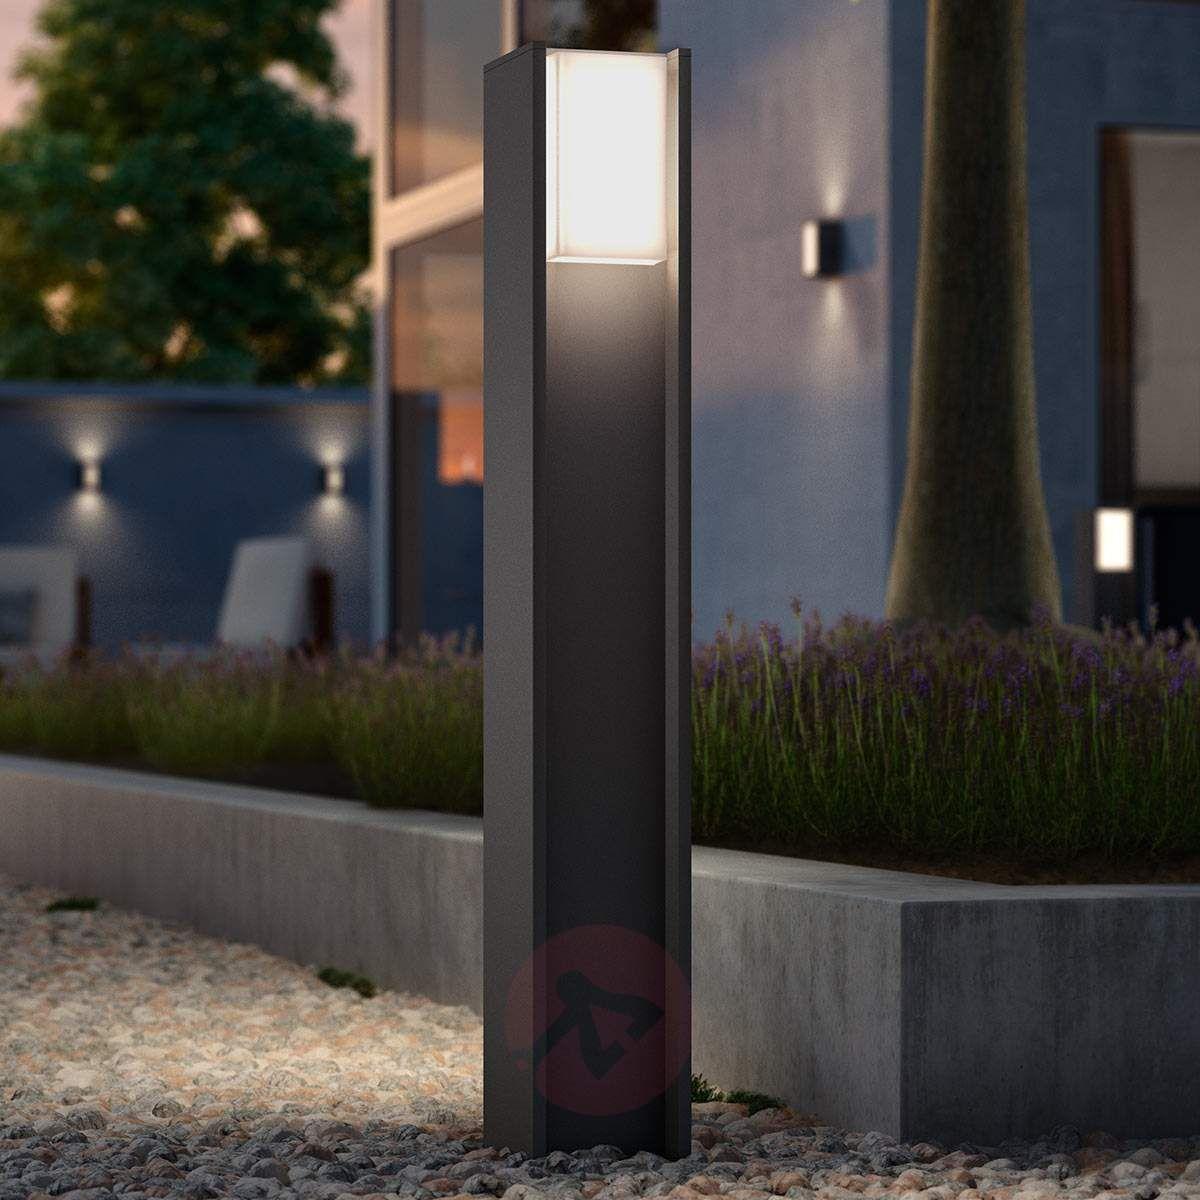 Lampa Ogrodowa Stojaca Retro Lampy Solarne Ogrodowe Praktiker Lampy Ogrodowe Niskie Lampy Ogrodowe Led S Hue Philips Led Outdoor Wall Lights Green Facade